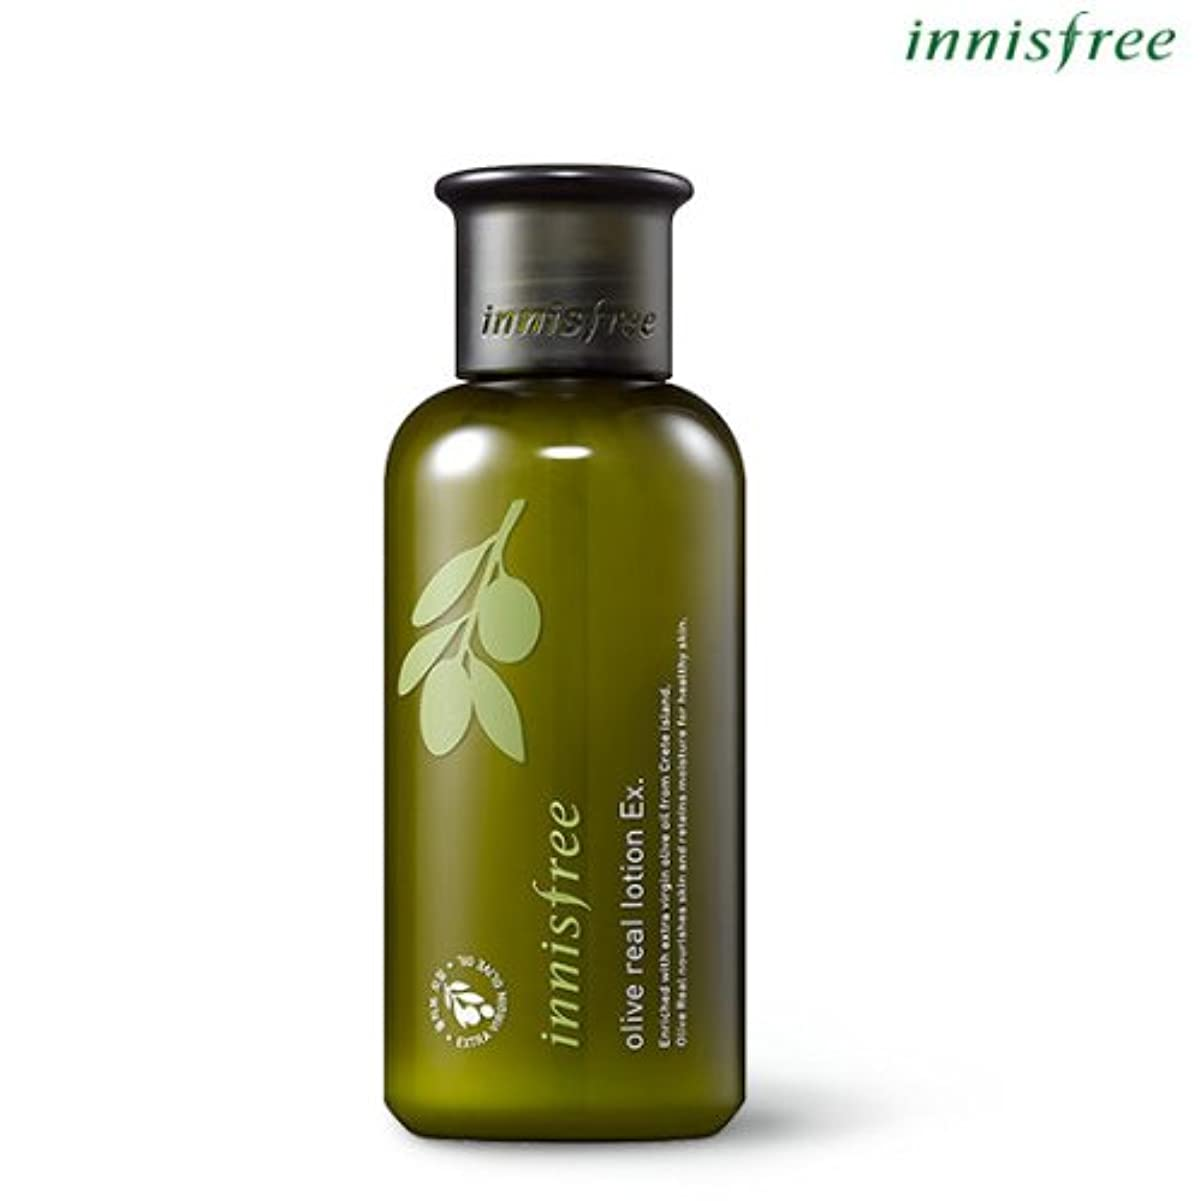 フラスコ貝殻気難しい[INNISFREE]イニスフリーオリーブリアルローションEx.160ml olive real lotion Ex.160ml [並行輸入品]